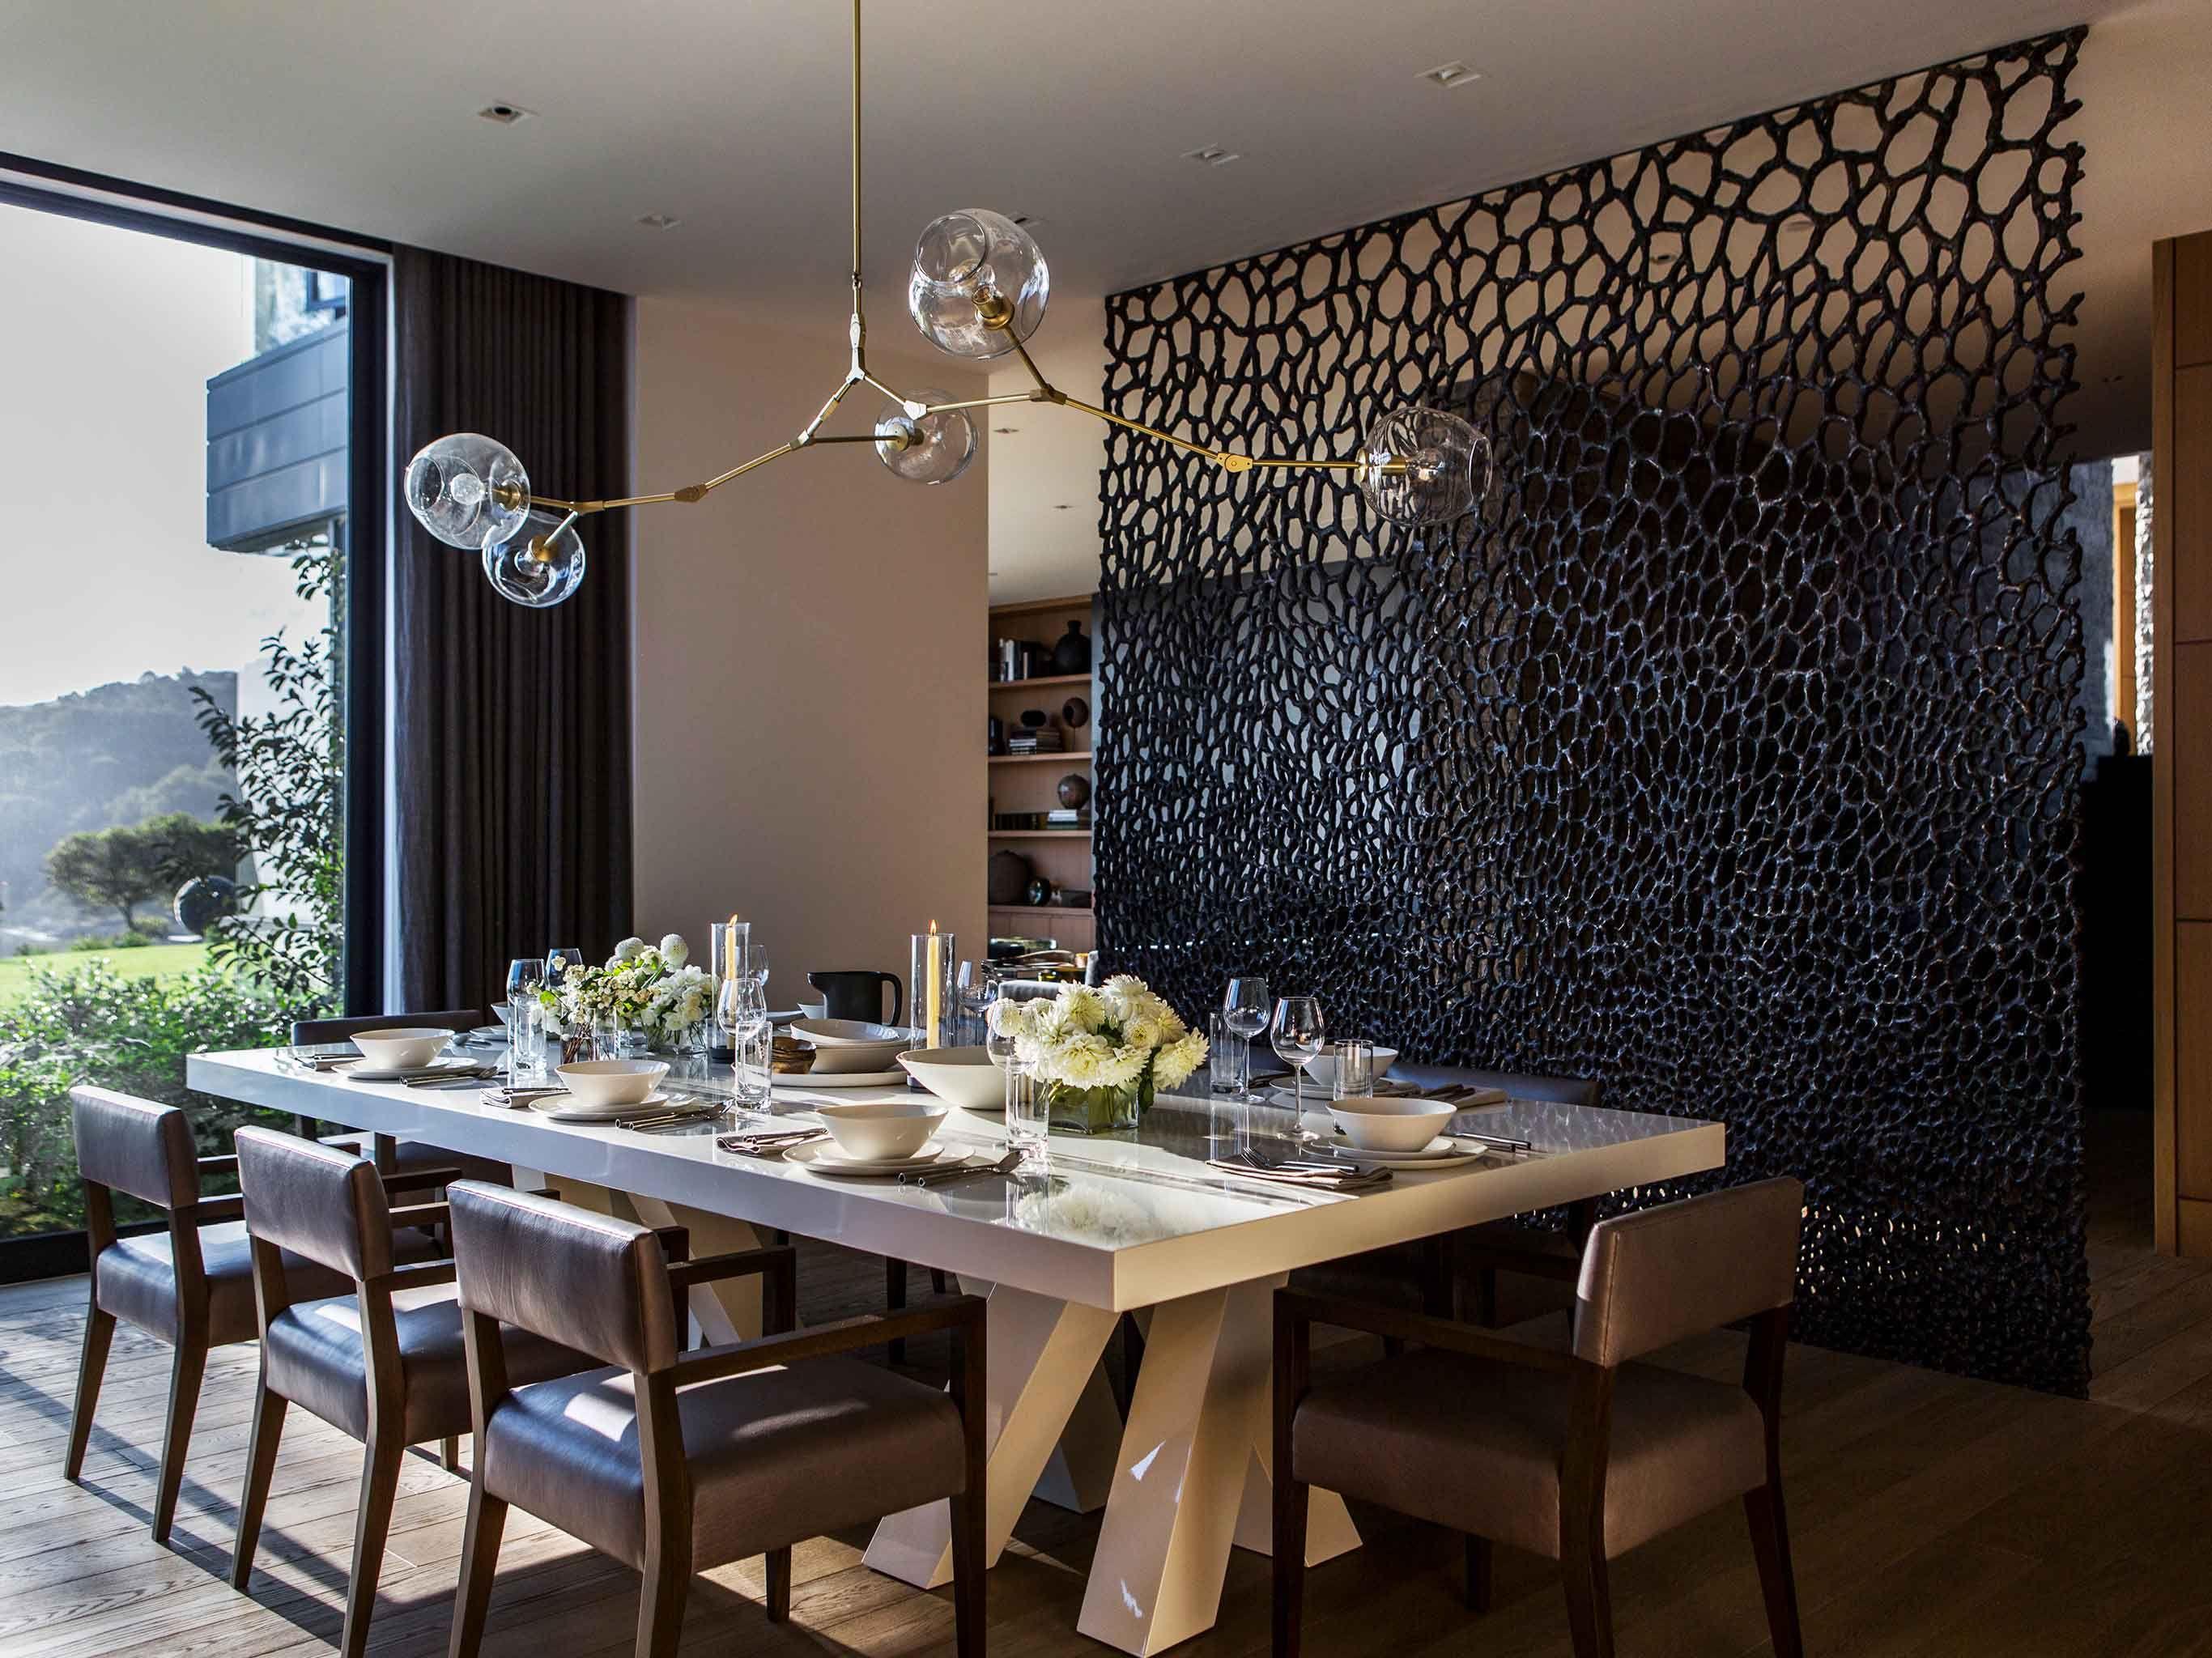 Dining Room in Belvedere Tiburon, CA by NICOLEHOLLIS